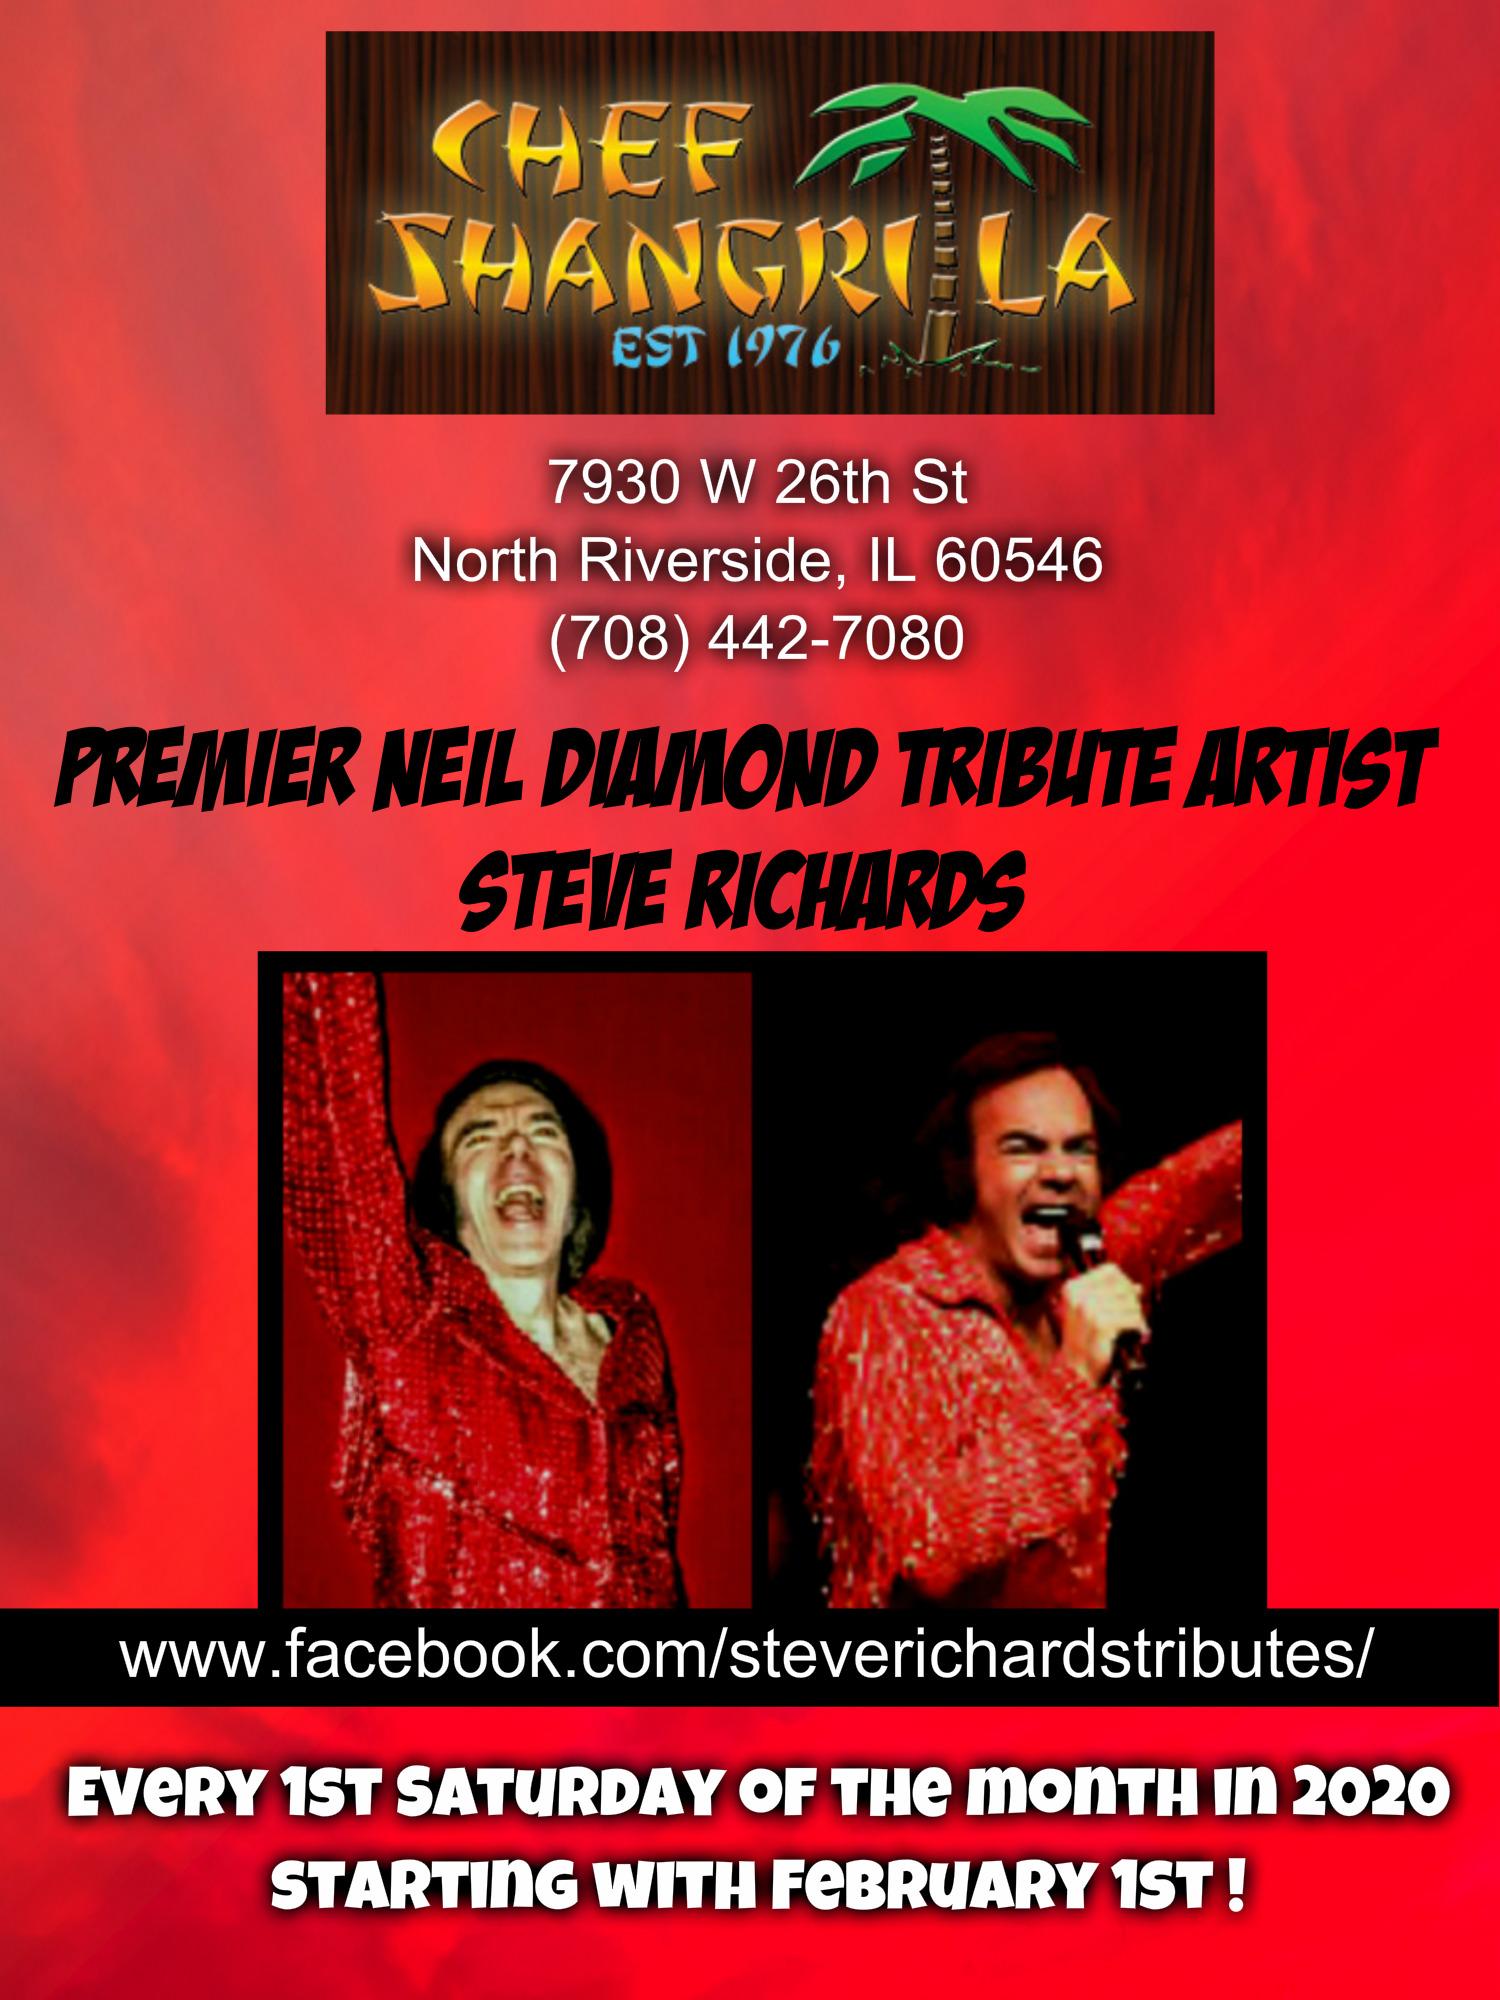 Premier Neil Diamond Tribute Artist Stev